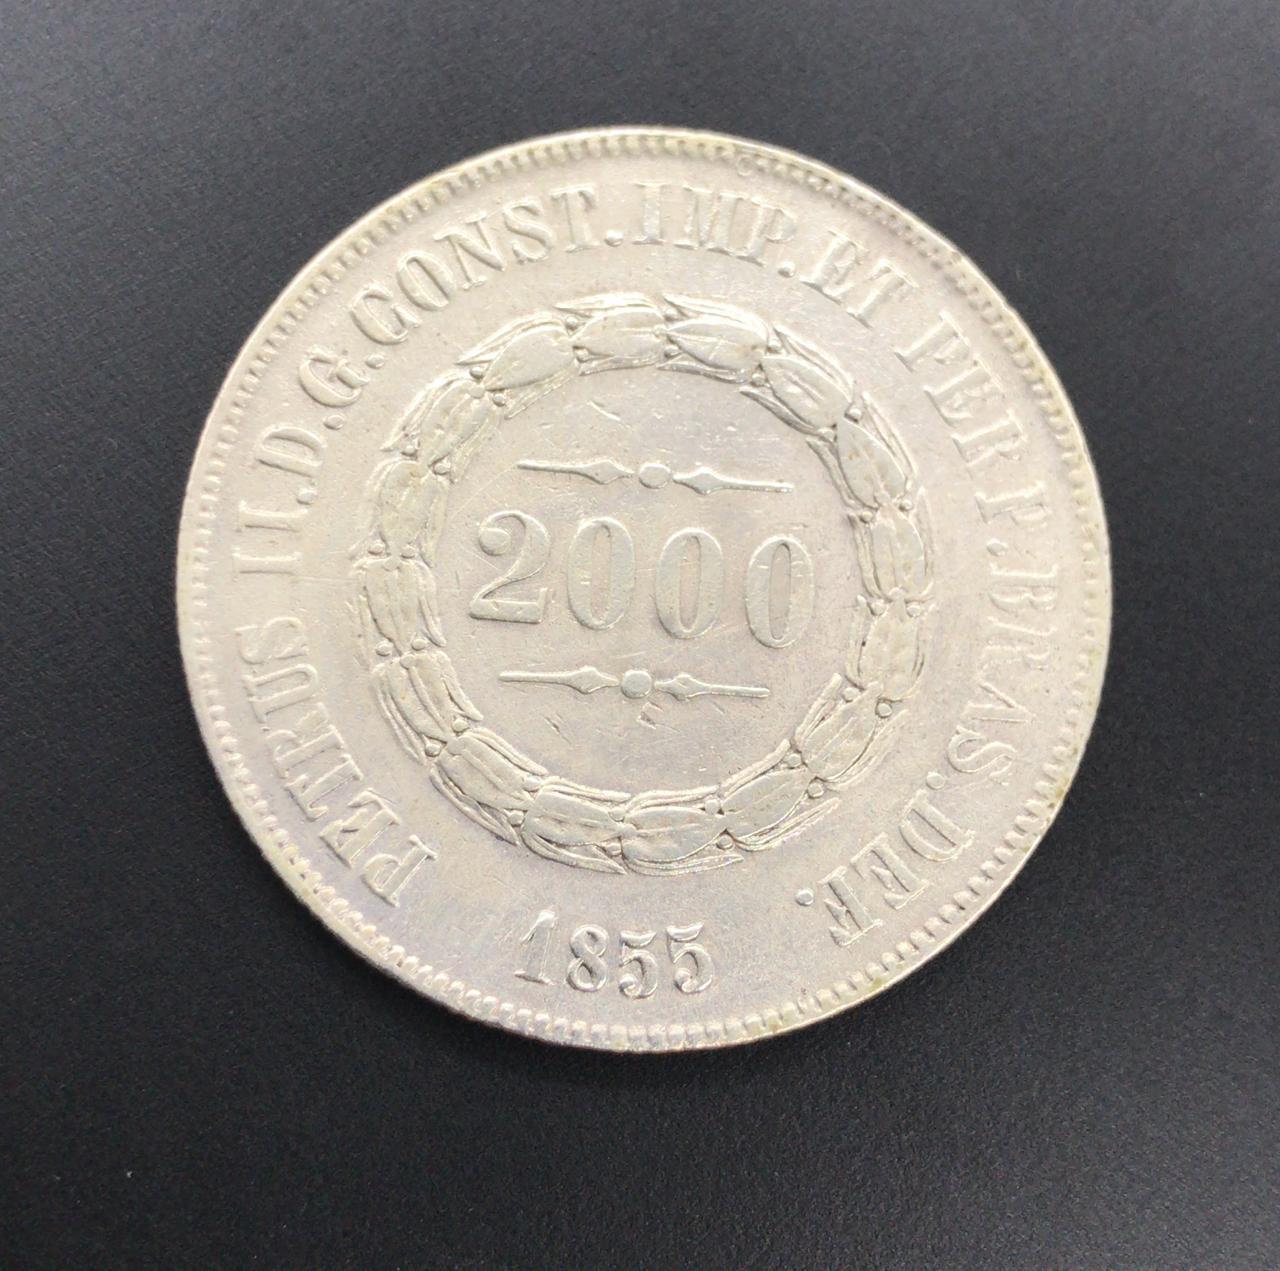 2000 reis 1855 prata